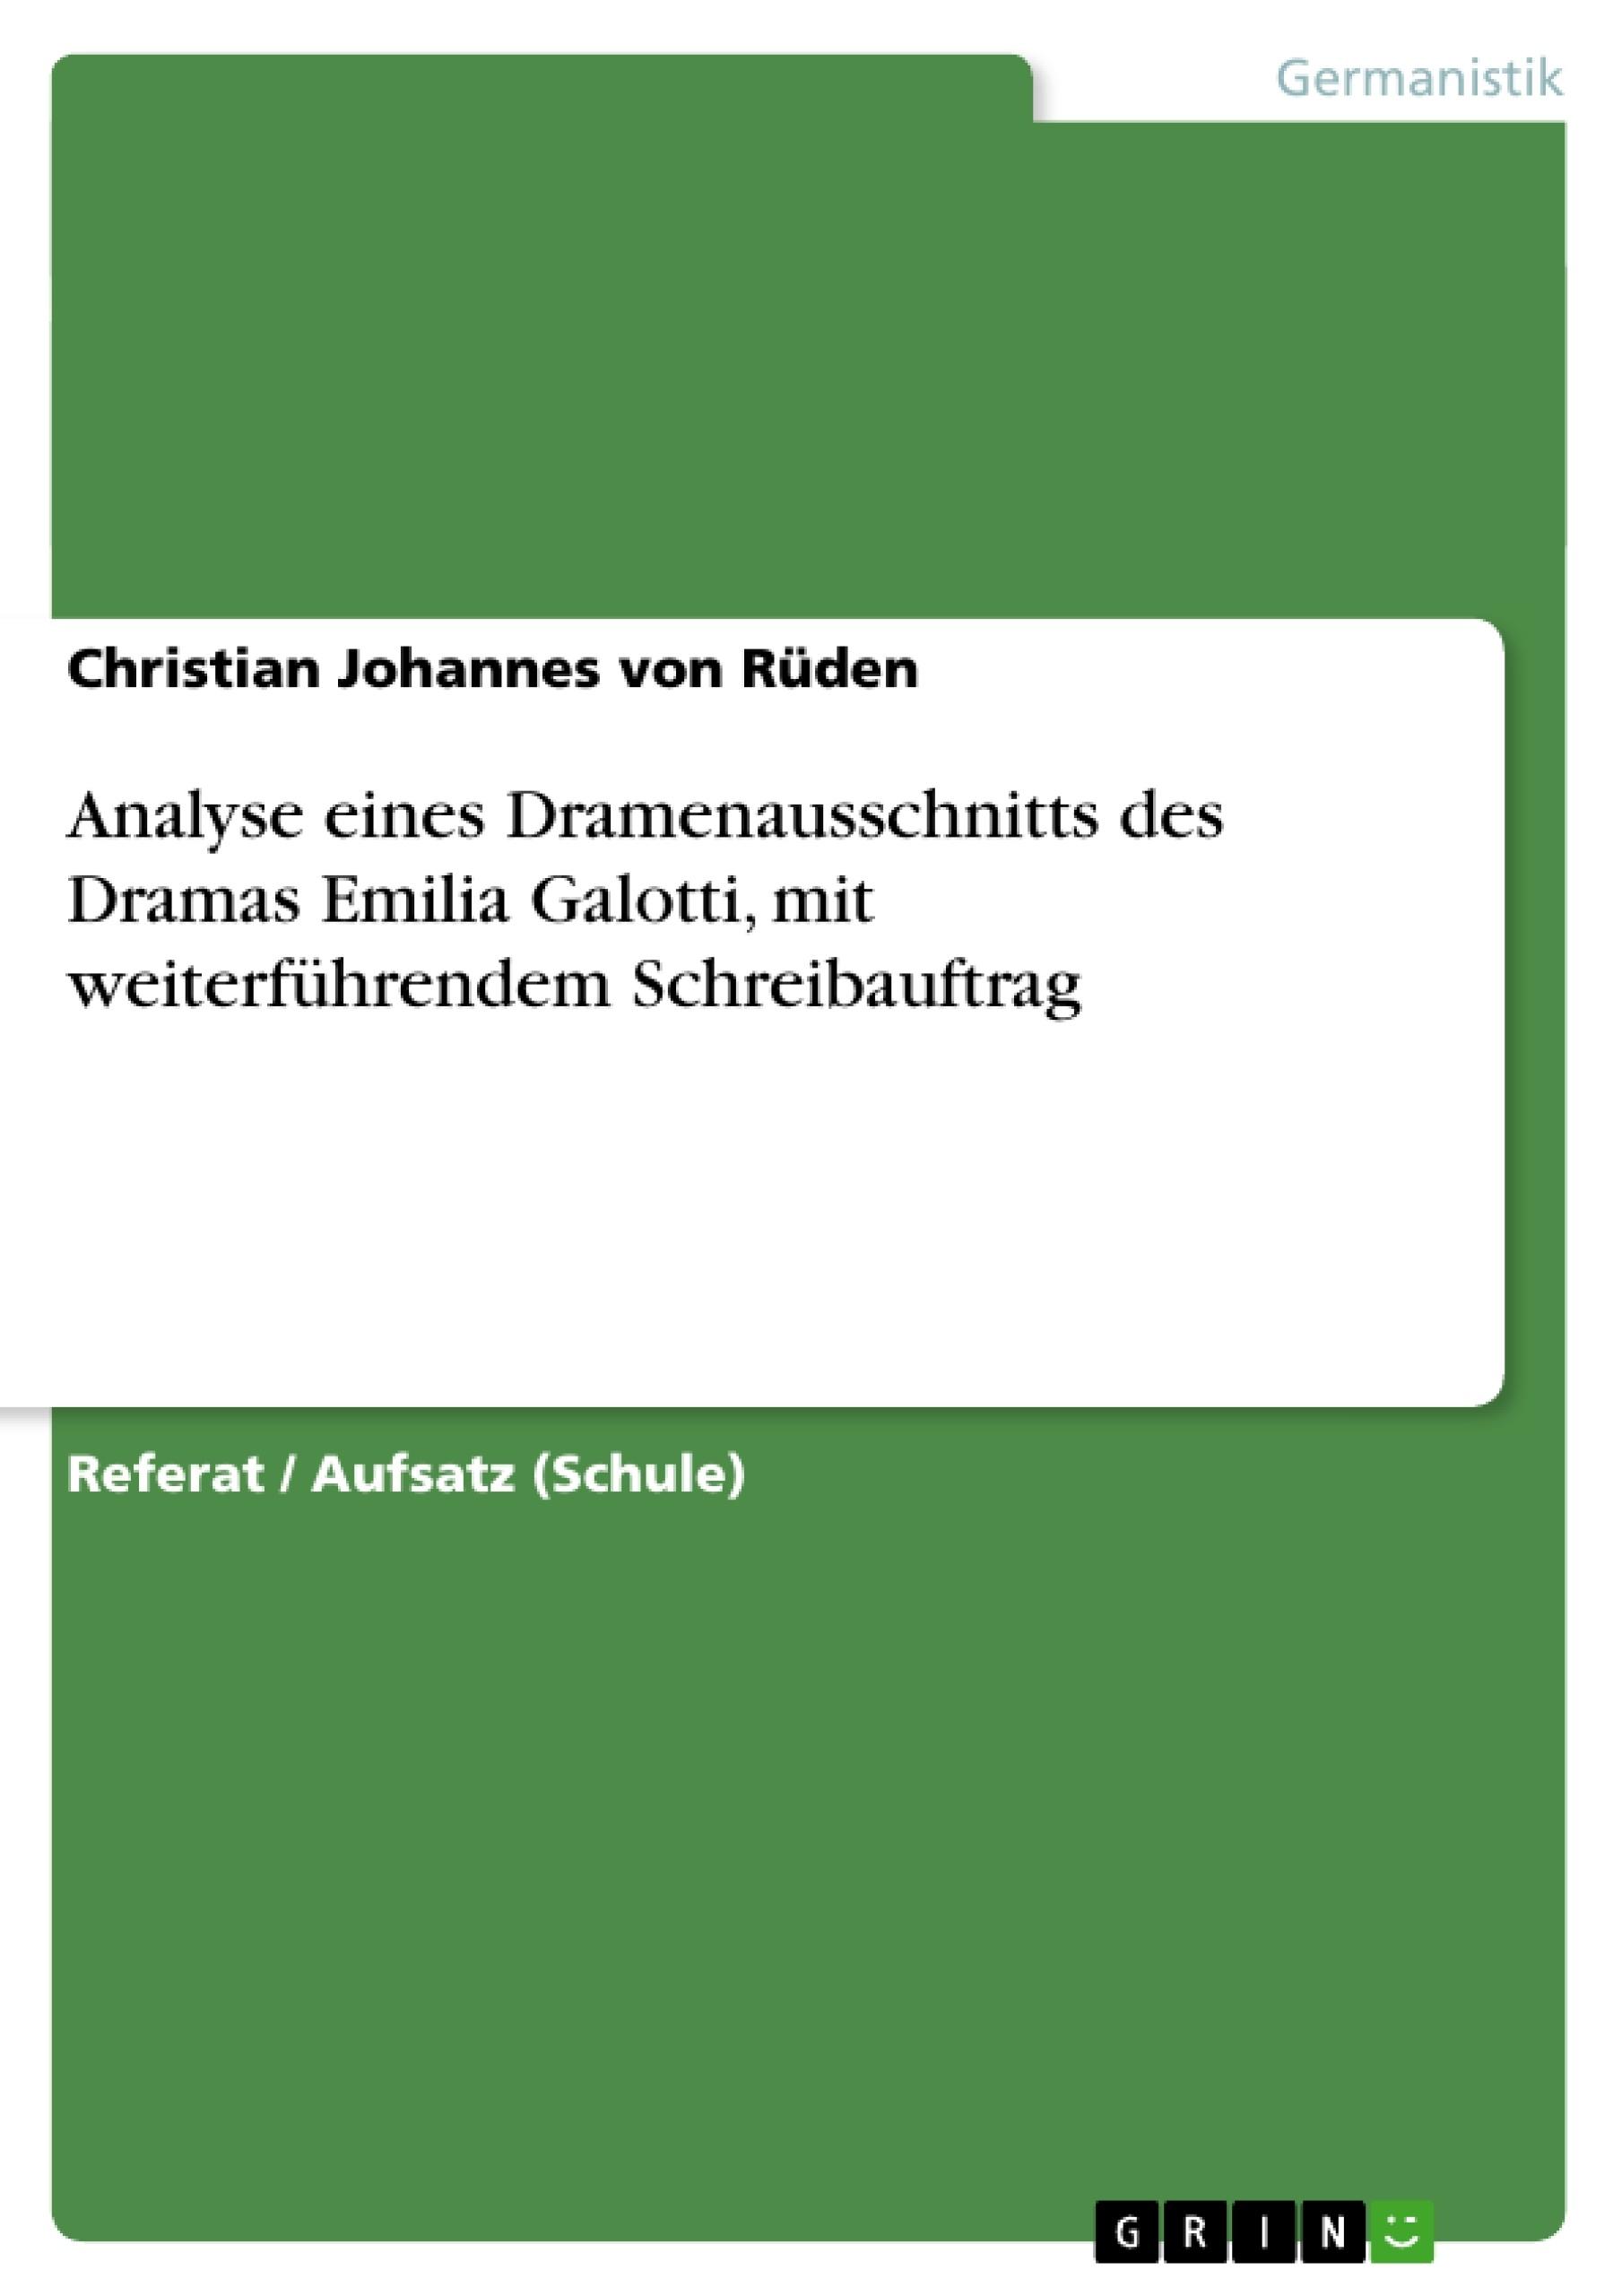 """Titel: """"Emilia Galotti"""". Analyse eines Dramenausschnitts  mit weiterführendem Schreibauftrag"""